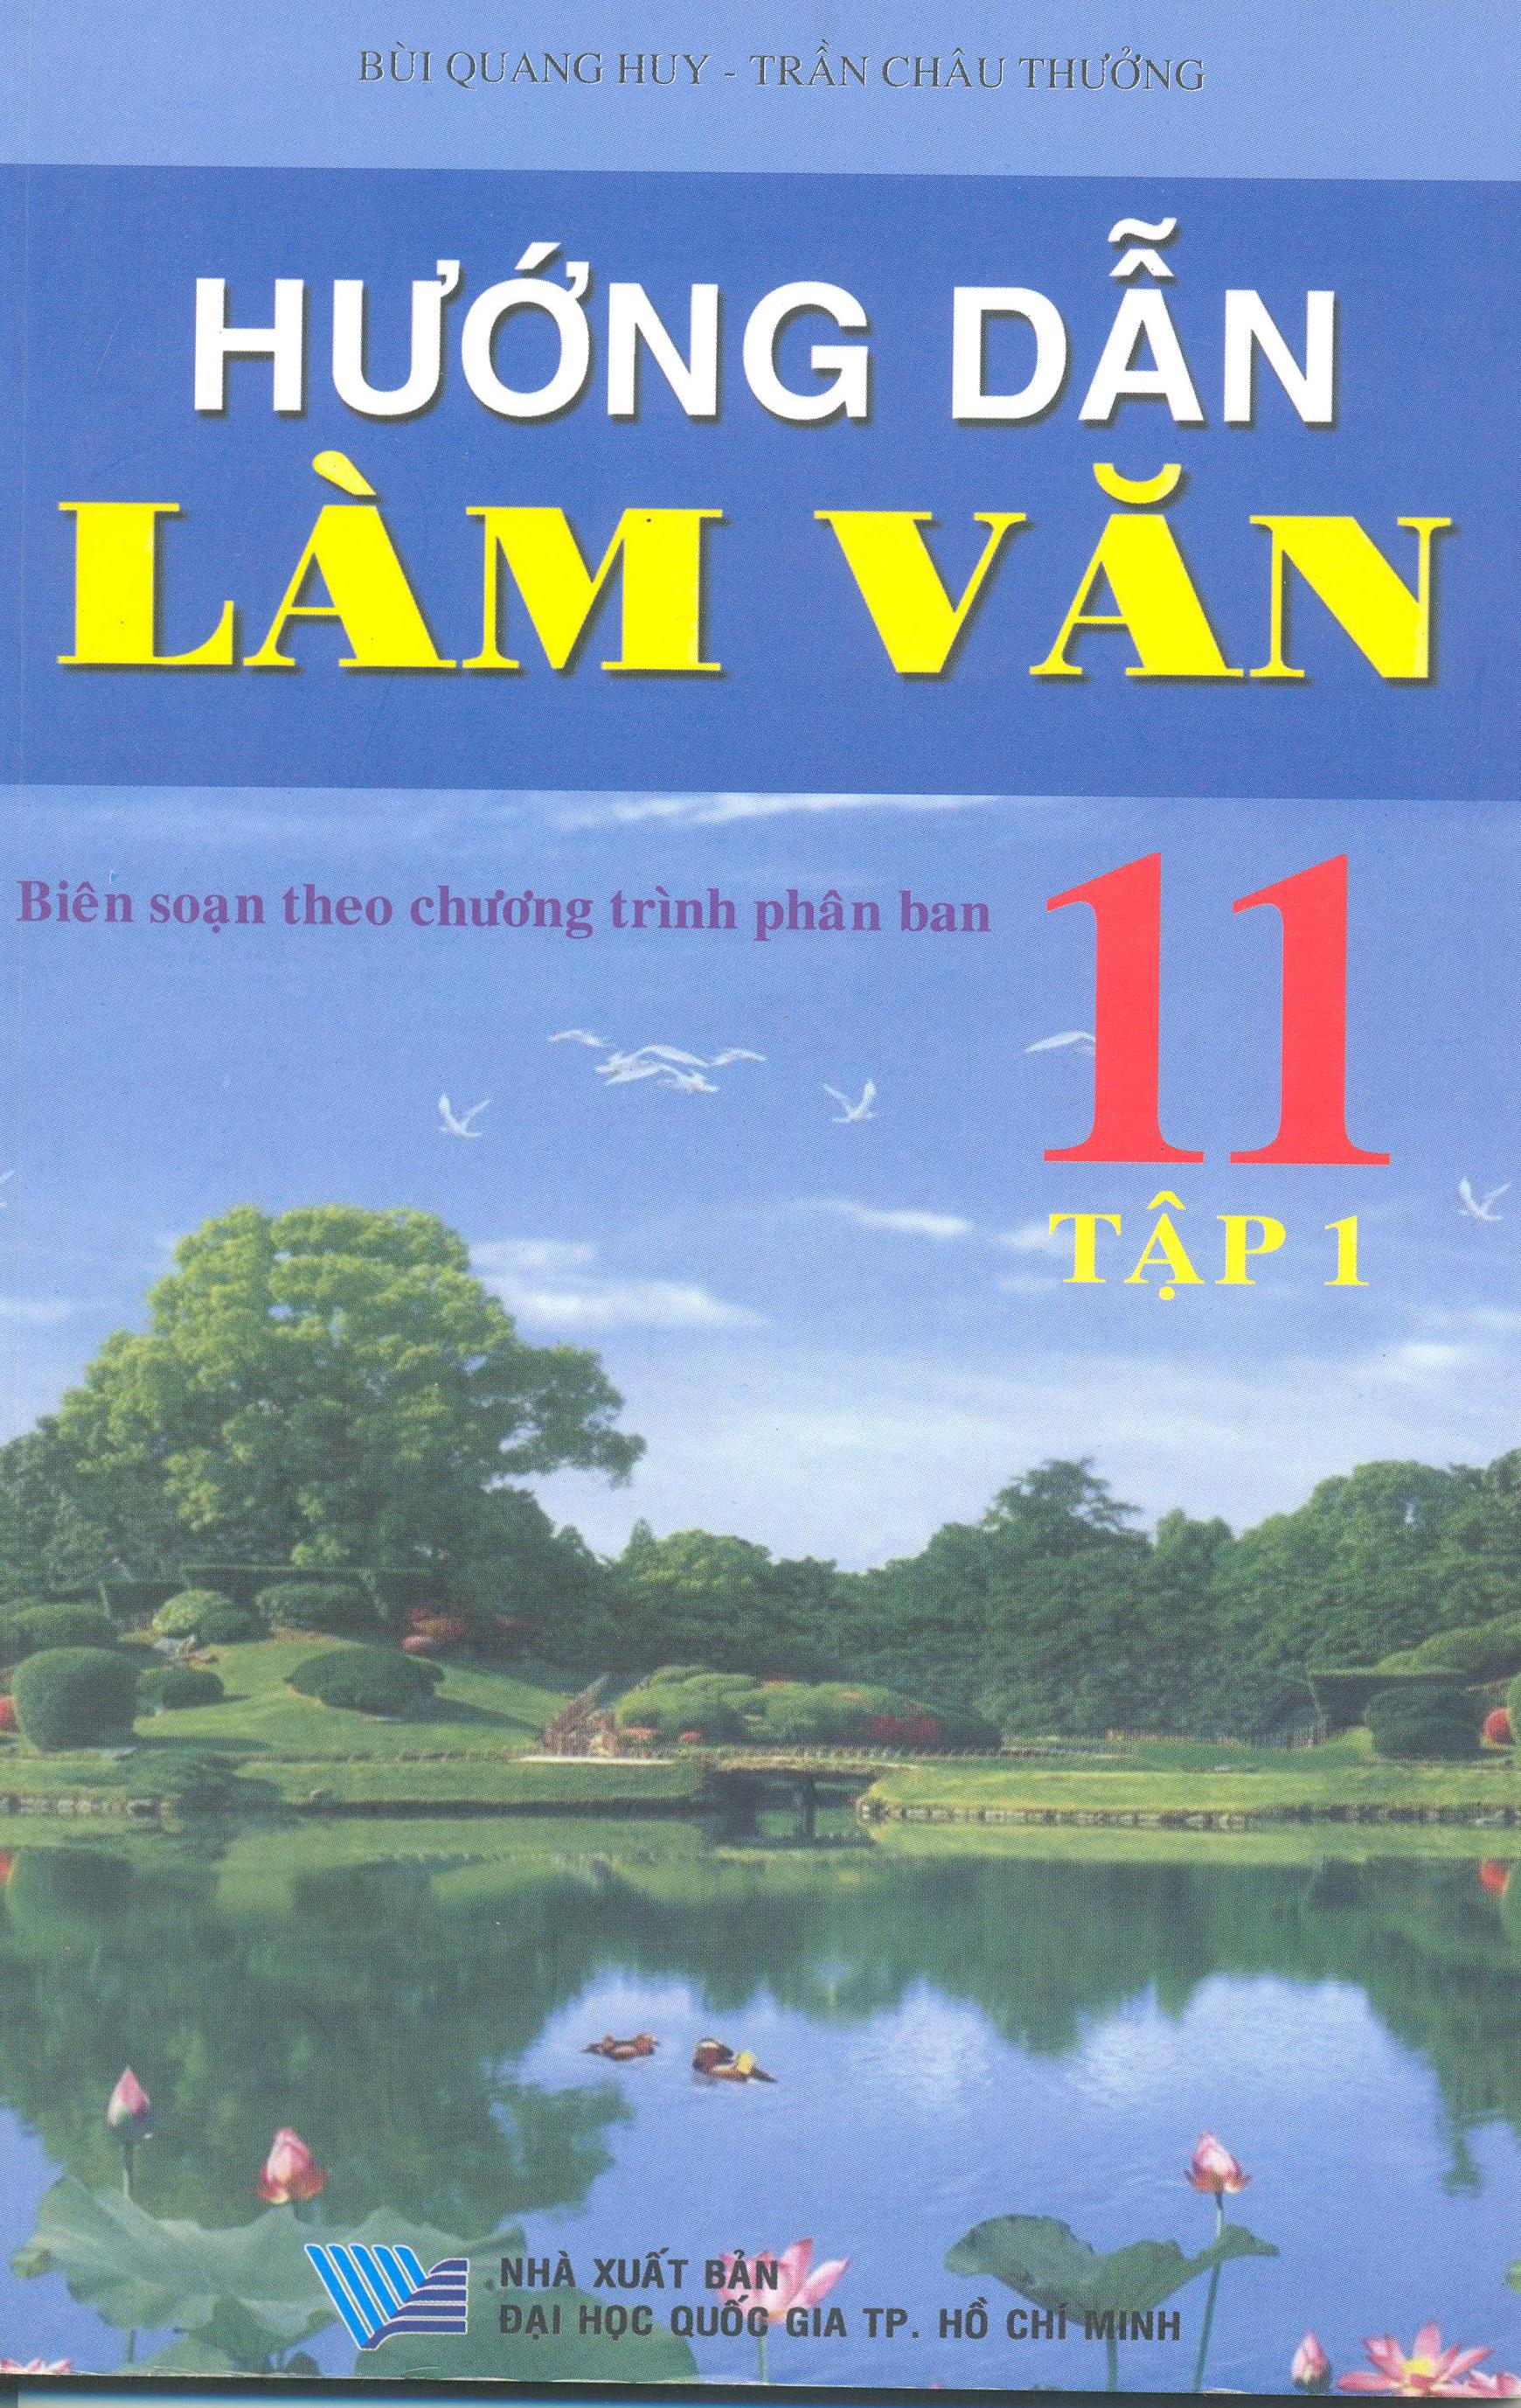 Hướng Dẫn Làm Văn 11 (Tập 1) - 8935094402619,62_44353,28000,tiki.vn,Huong-Dan-Lam-Van-11-Tap-1-62_44353,Hướng Dẫn Làm Văn 11 (Tập 1)